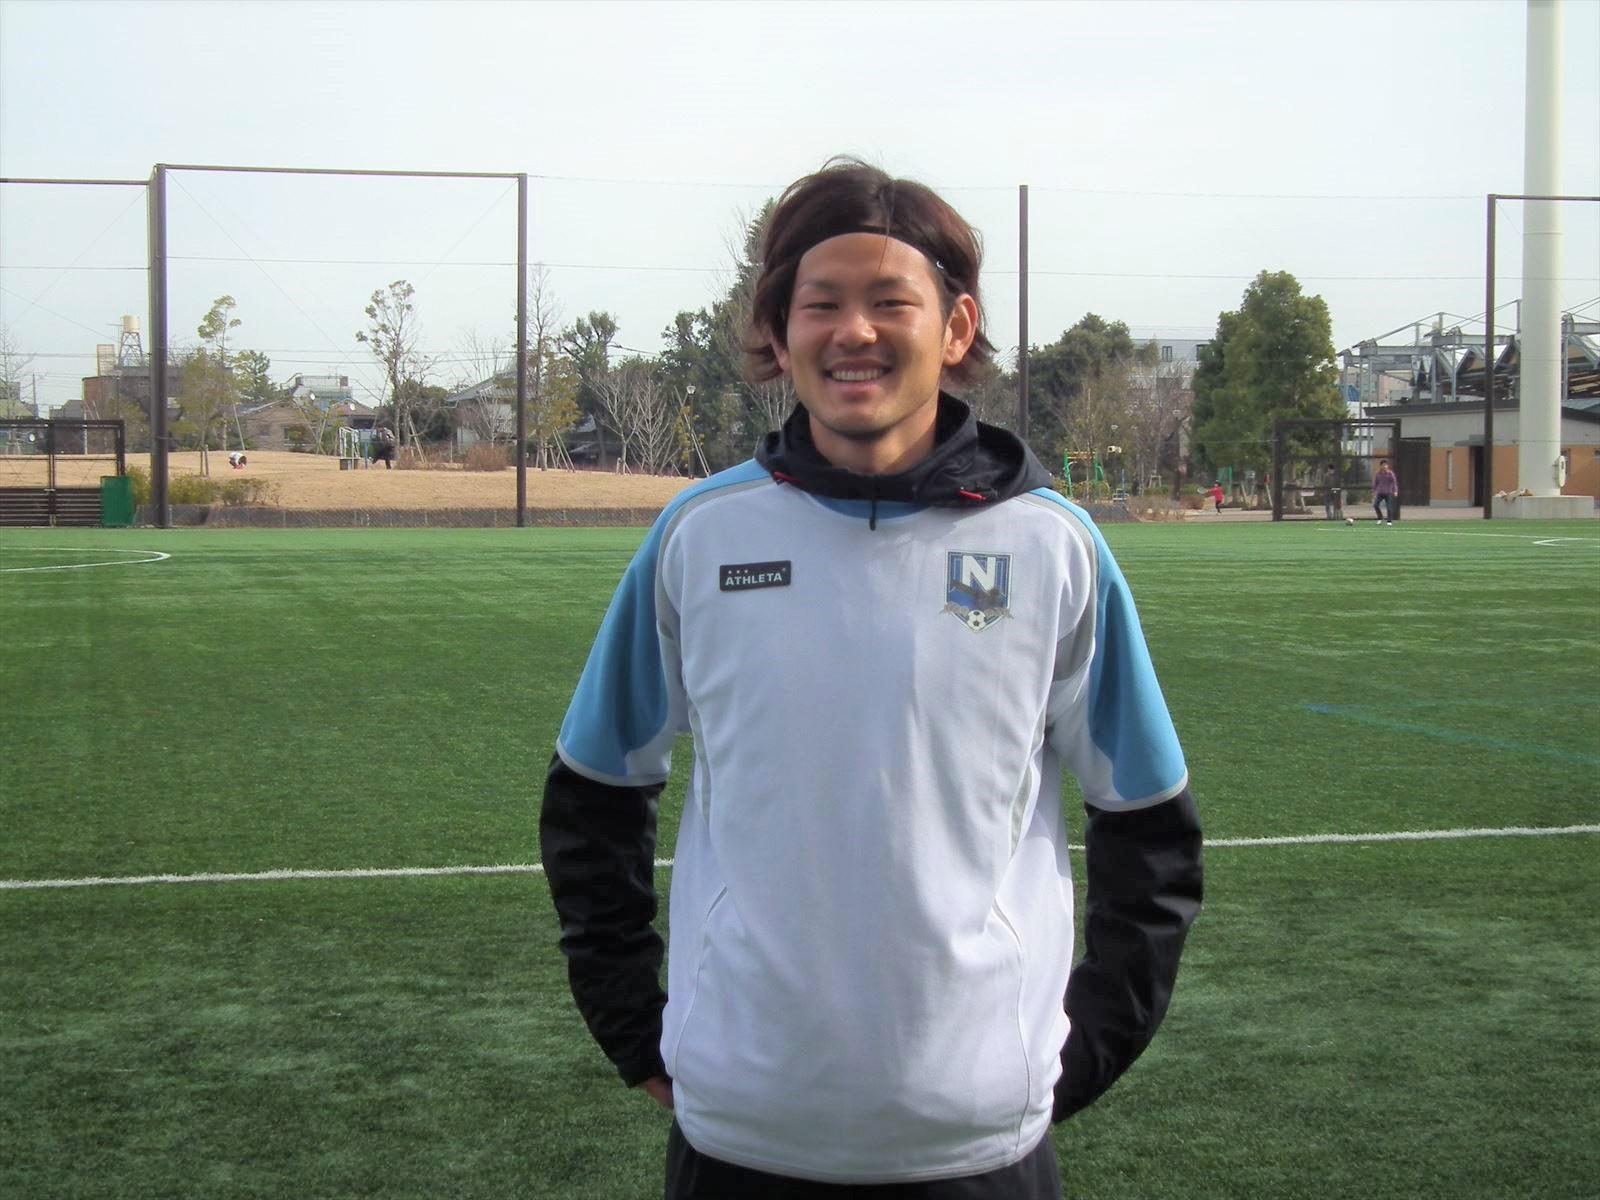 ファジアーノ岡山の上田選手からメッセージが届きました。